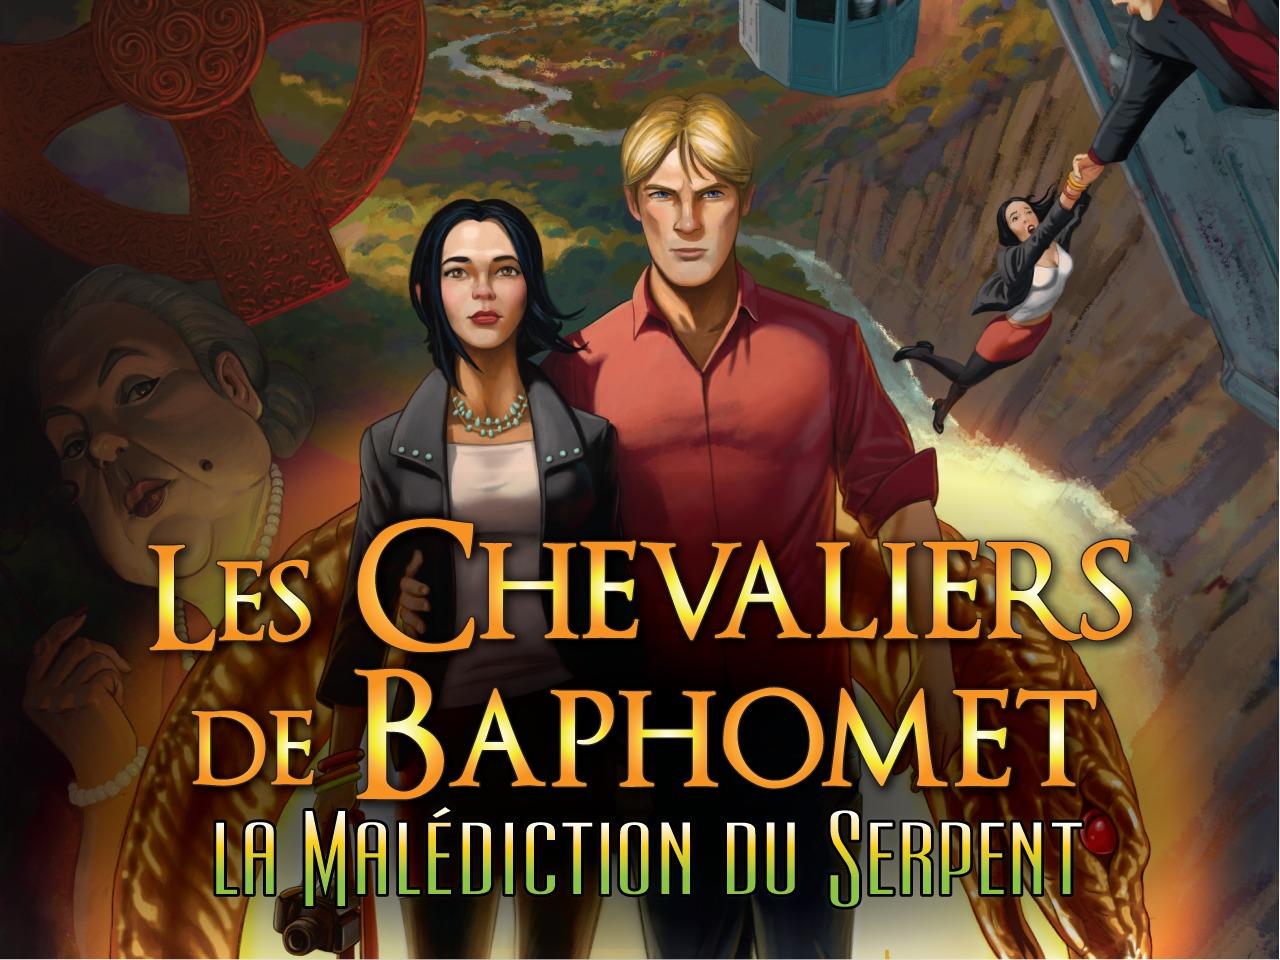 Chevaliers de Baphomet 5 la malédiction du serpent